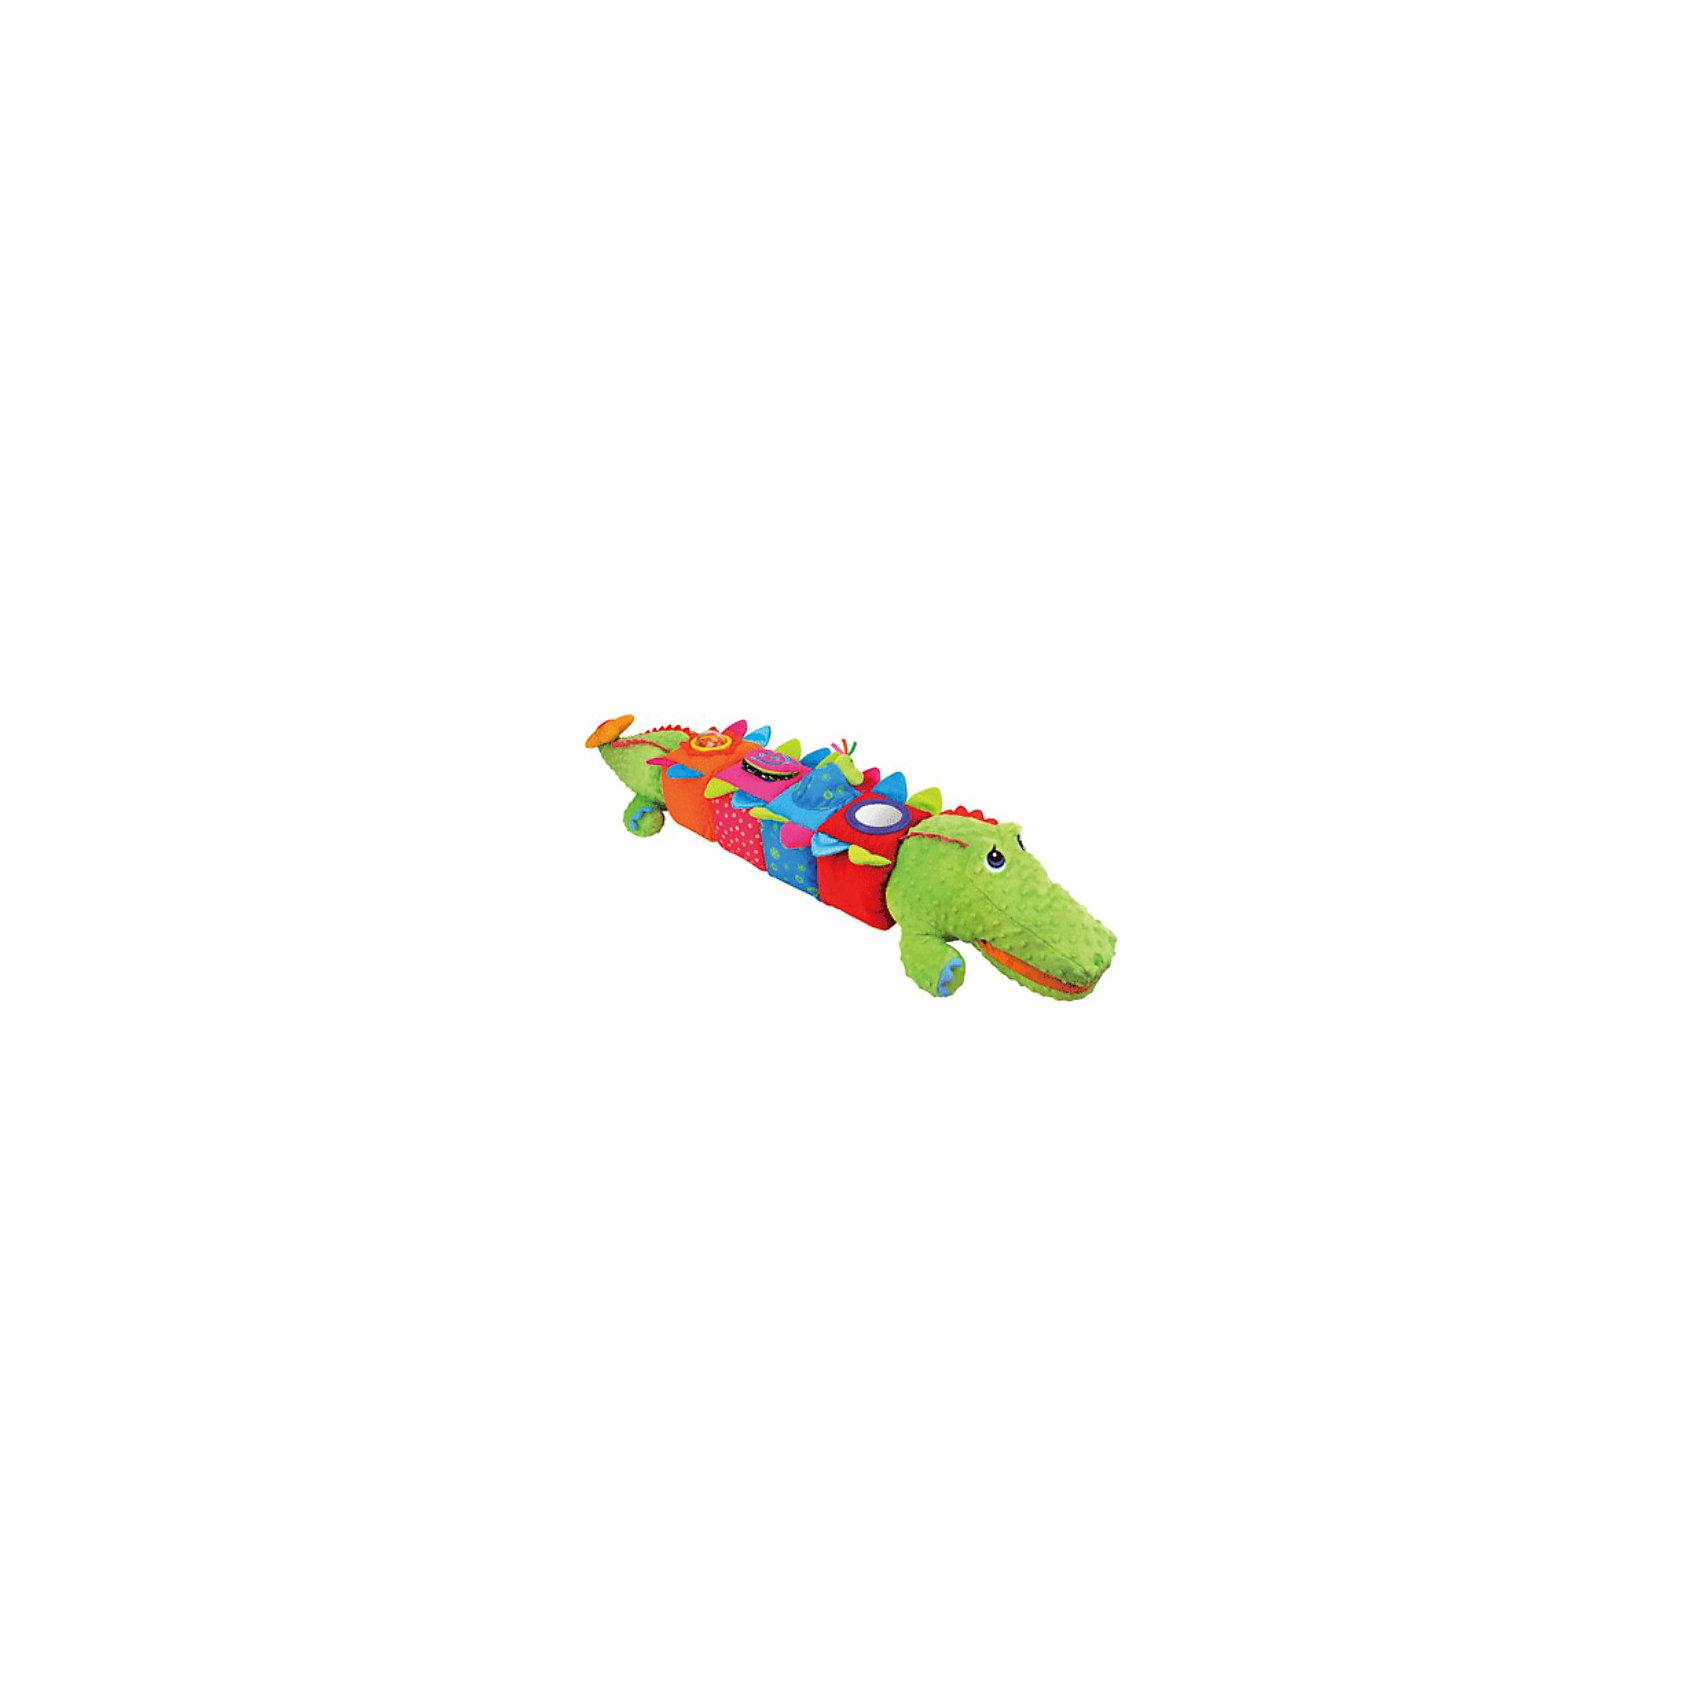 Развивающий центр Крокодил, Ks KidsРазвивающий центр Крокодил от Ks Kids.<br><br>Этот забавный мягкий Крокодил состоит из отдельных головы и хвоста, и 4 больших кубиков с различными развивающими игрушками и сюрпризами. <br><br>Малыш будет развивать творческое мышление, ведь Крокодила можно собирать в любой комплектности – голова + хвост, голова + 2 кубика + хвост и т.д. <br><br>Внутри каждой лапки крокодила находится пищалка, в хвосте - погремушка. За цветочек на хвосте можно потянуть, он будет забавно вибрировать и греметь, возвращаясь в исходное положение. На голове у крокодила есть 2 большие пуговоцы, а на хвосте - 2 большие петельки. Их можно застёгивать, тогда у малыша получится очаровательный маленький крокодильчик. <br><br>4 мягких кубика выполнены из ткани с различной фактурой. У каждого кубика две шуршащие грани и цифры от 1 до 4, а также развивающие игрушечки:<br>1) На 1-м – зеркальце диаметром 6,5 см (травмобезопасная зеркальная поверхность); <br>2) На 2-м – кармашек с маленьким крокодильчиком, только вылупляющимся из яйца, привязанный к кубику веревочкой; <br>3) На 3-м – прозрачный пластиковый роллер с цветными рыбками внутри (можно покрутить и погреметь); <br>4) На 4-м – две тканевые странички для листания, в одной пищалка, в другой шуршалка, а под ними – прозрачный пластиковый кармашек, куда можно вложить фотографию малыша и играть в прятки! Одна страничка с черно-белыми узорами. <br><br>Дополнительная информация:<br><br>Материал: полиэстер.<br>Длина игрушки: 119 см. <br>Размер кубика: 13х13х14 см.<br><br>Яркая ткань игрушки и различная фактура материала будут способствовать развитию моторики. Занимательная игра поощряет детскую любознательность. Малышу очень понравится яркий развивающий центр, с которым он не захочет расставаться!<br><br>Развивающий центр Крокодил, Ks Kids  - можно купить в нашем интернет - магазине.<br><br>Ширина мм: 500<br>Глубина мм: 120<br>Высота мм: 530<br>Вес г: 1400<br>Возраст от месяцев: 6<br>Возраст до месяцев: 36<br>Пол: Уни